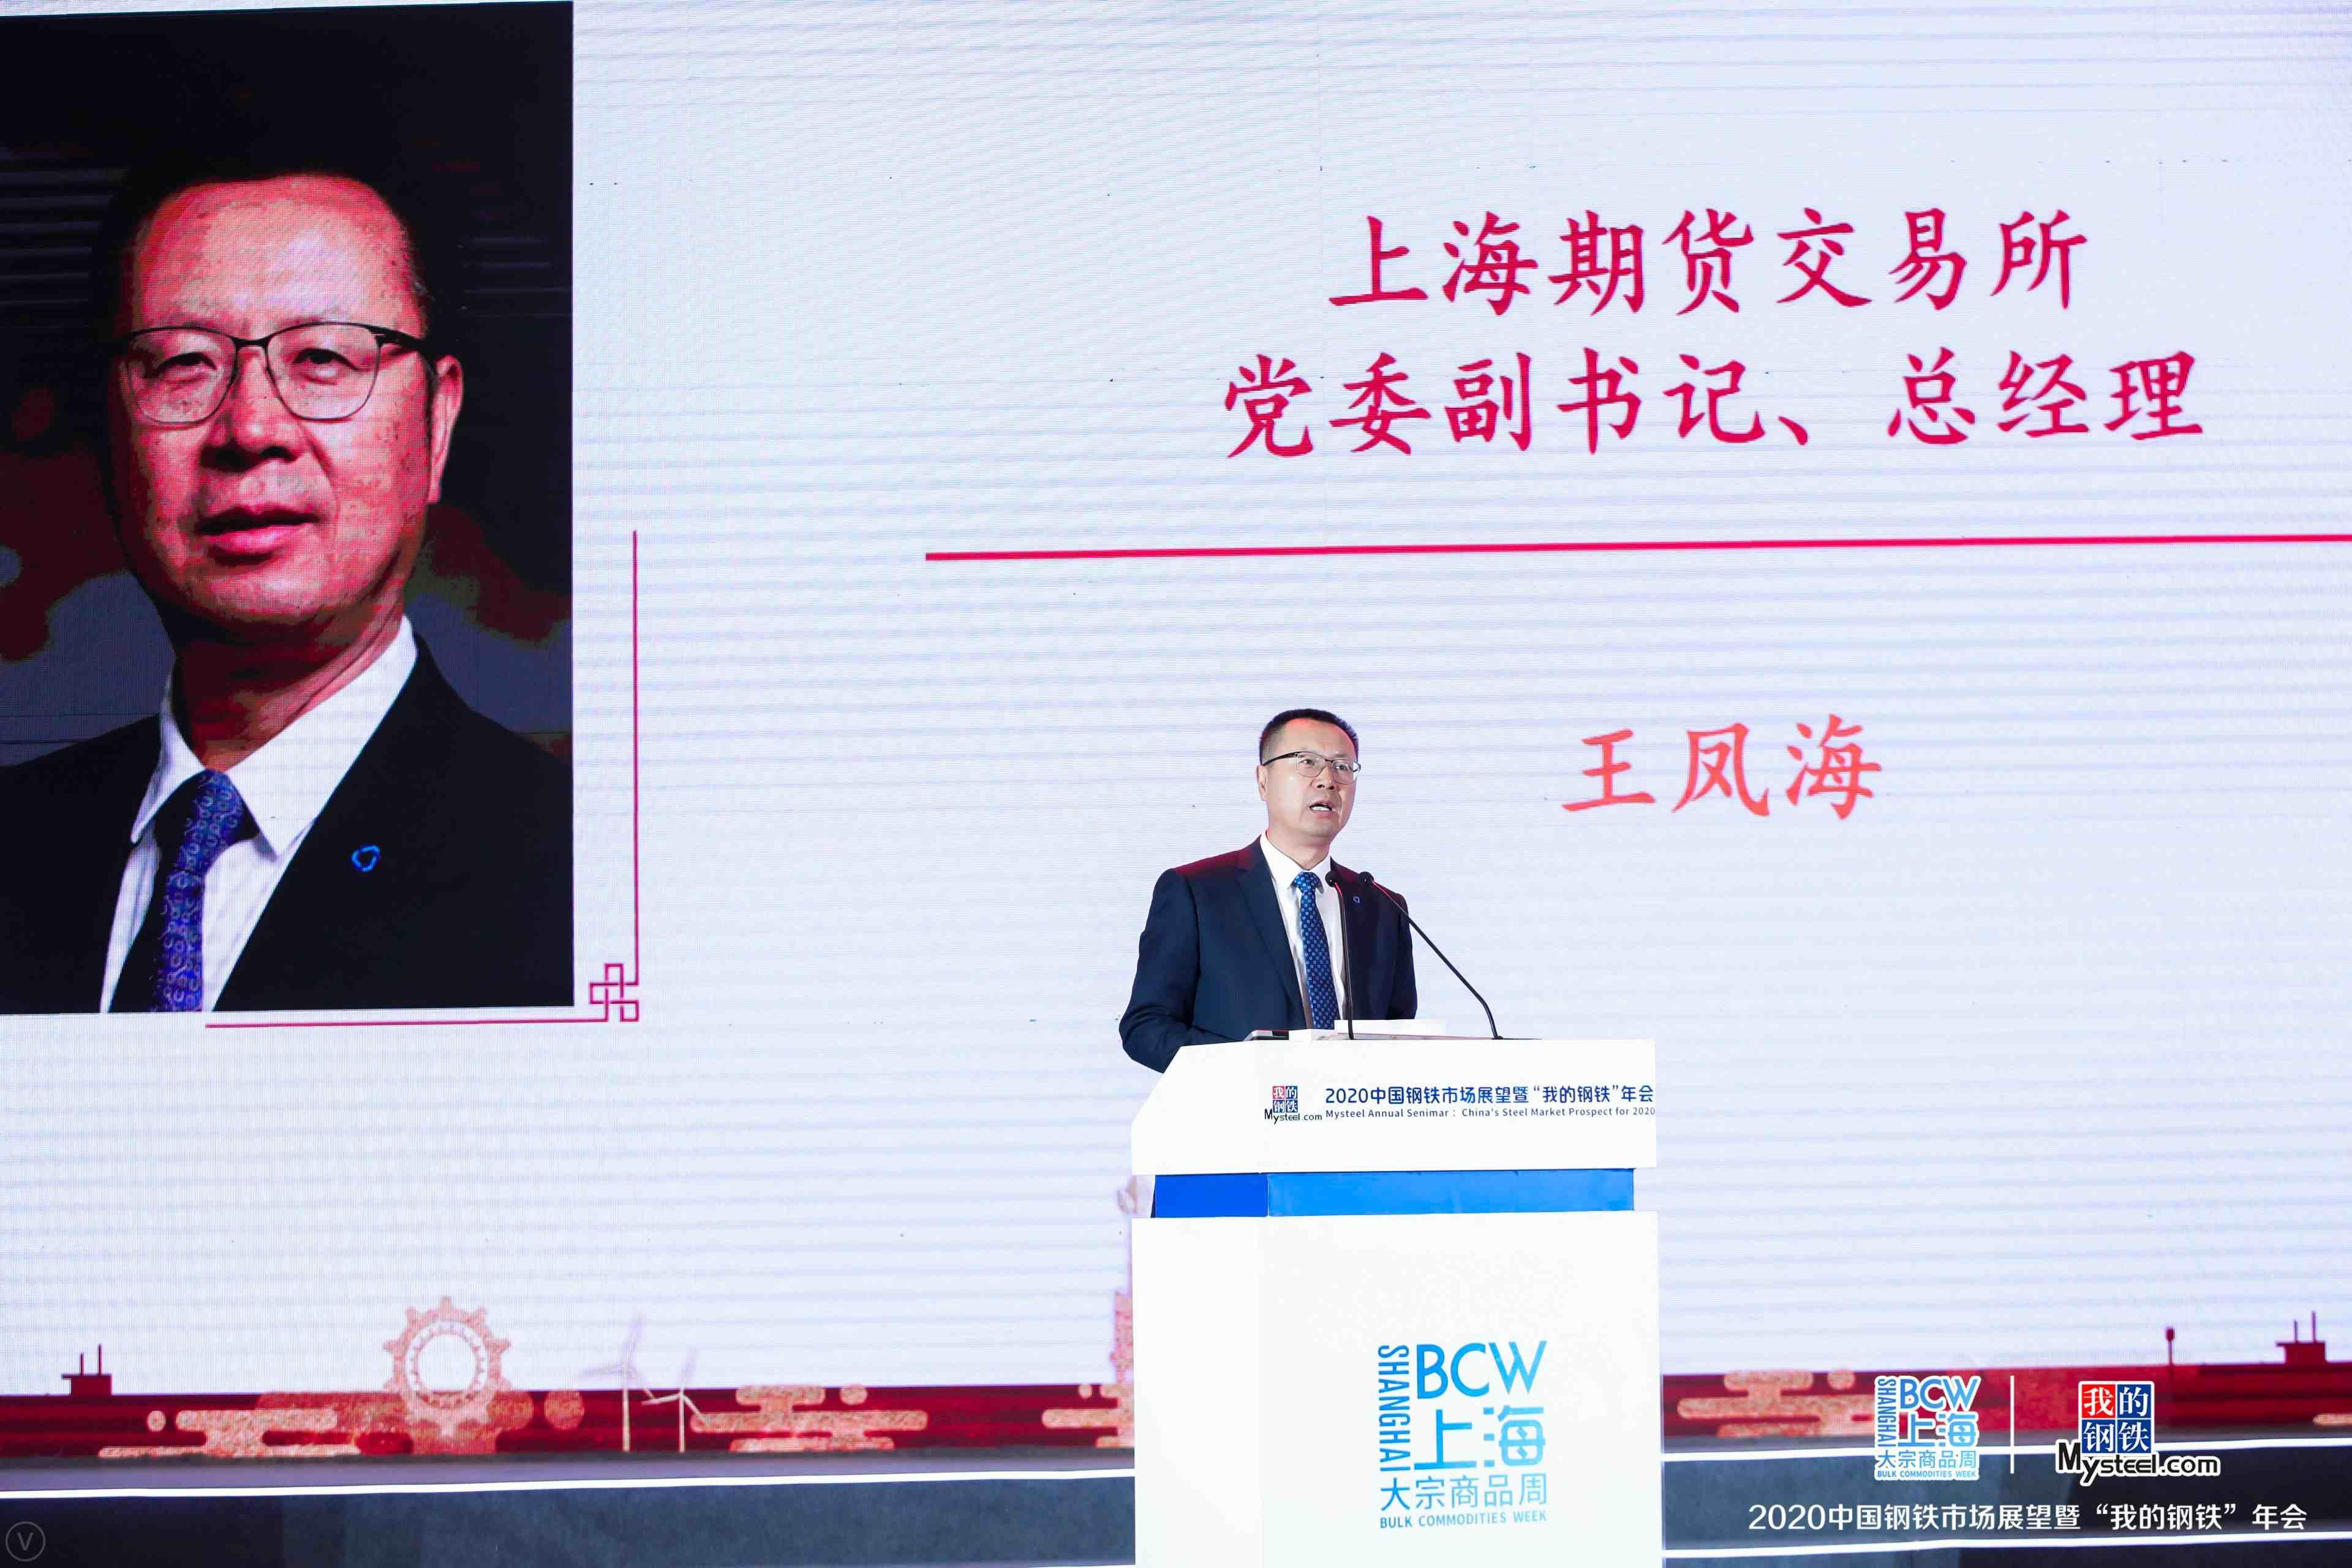 http://www.weixinrensheng.com/caijingmi/1247778.html